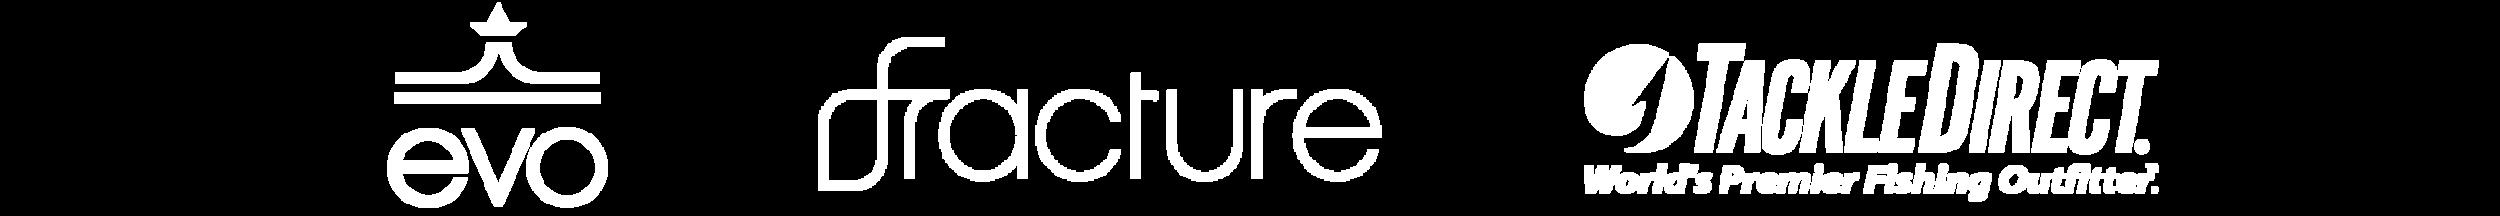 Logos-1-New-StatBidWebsite-01.png